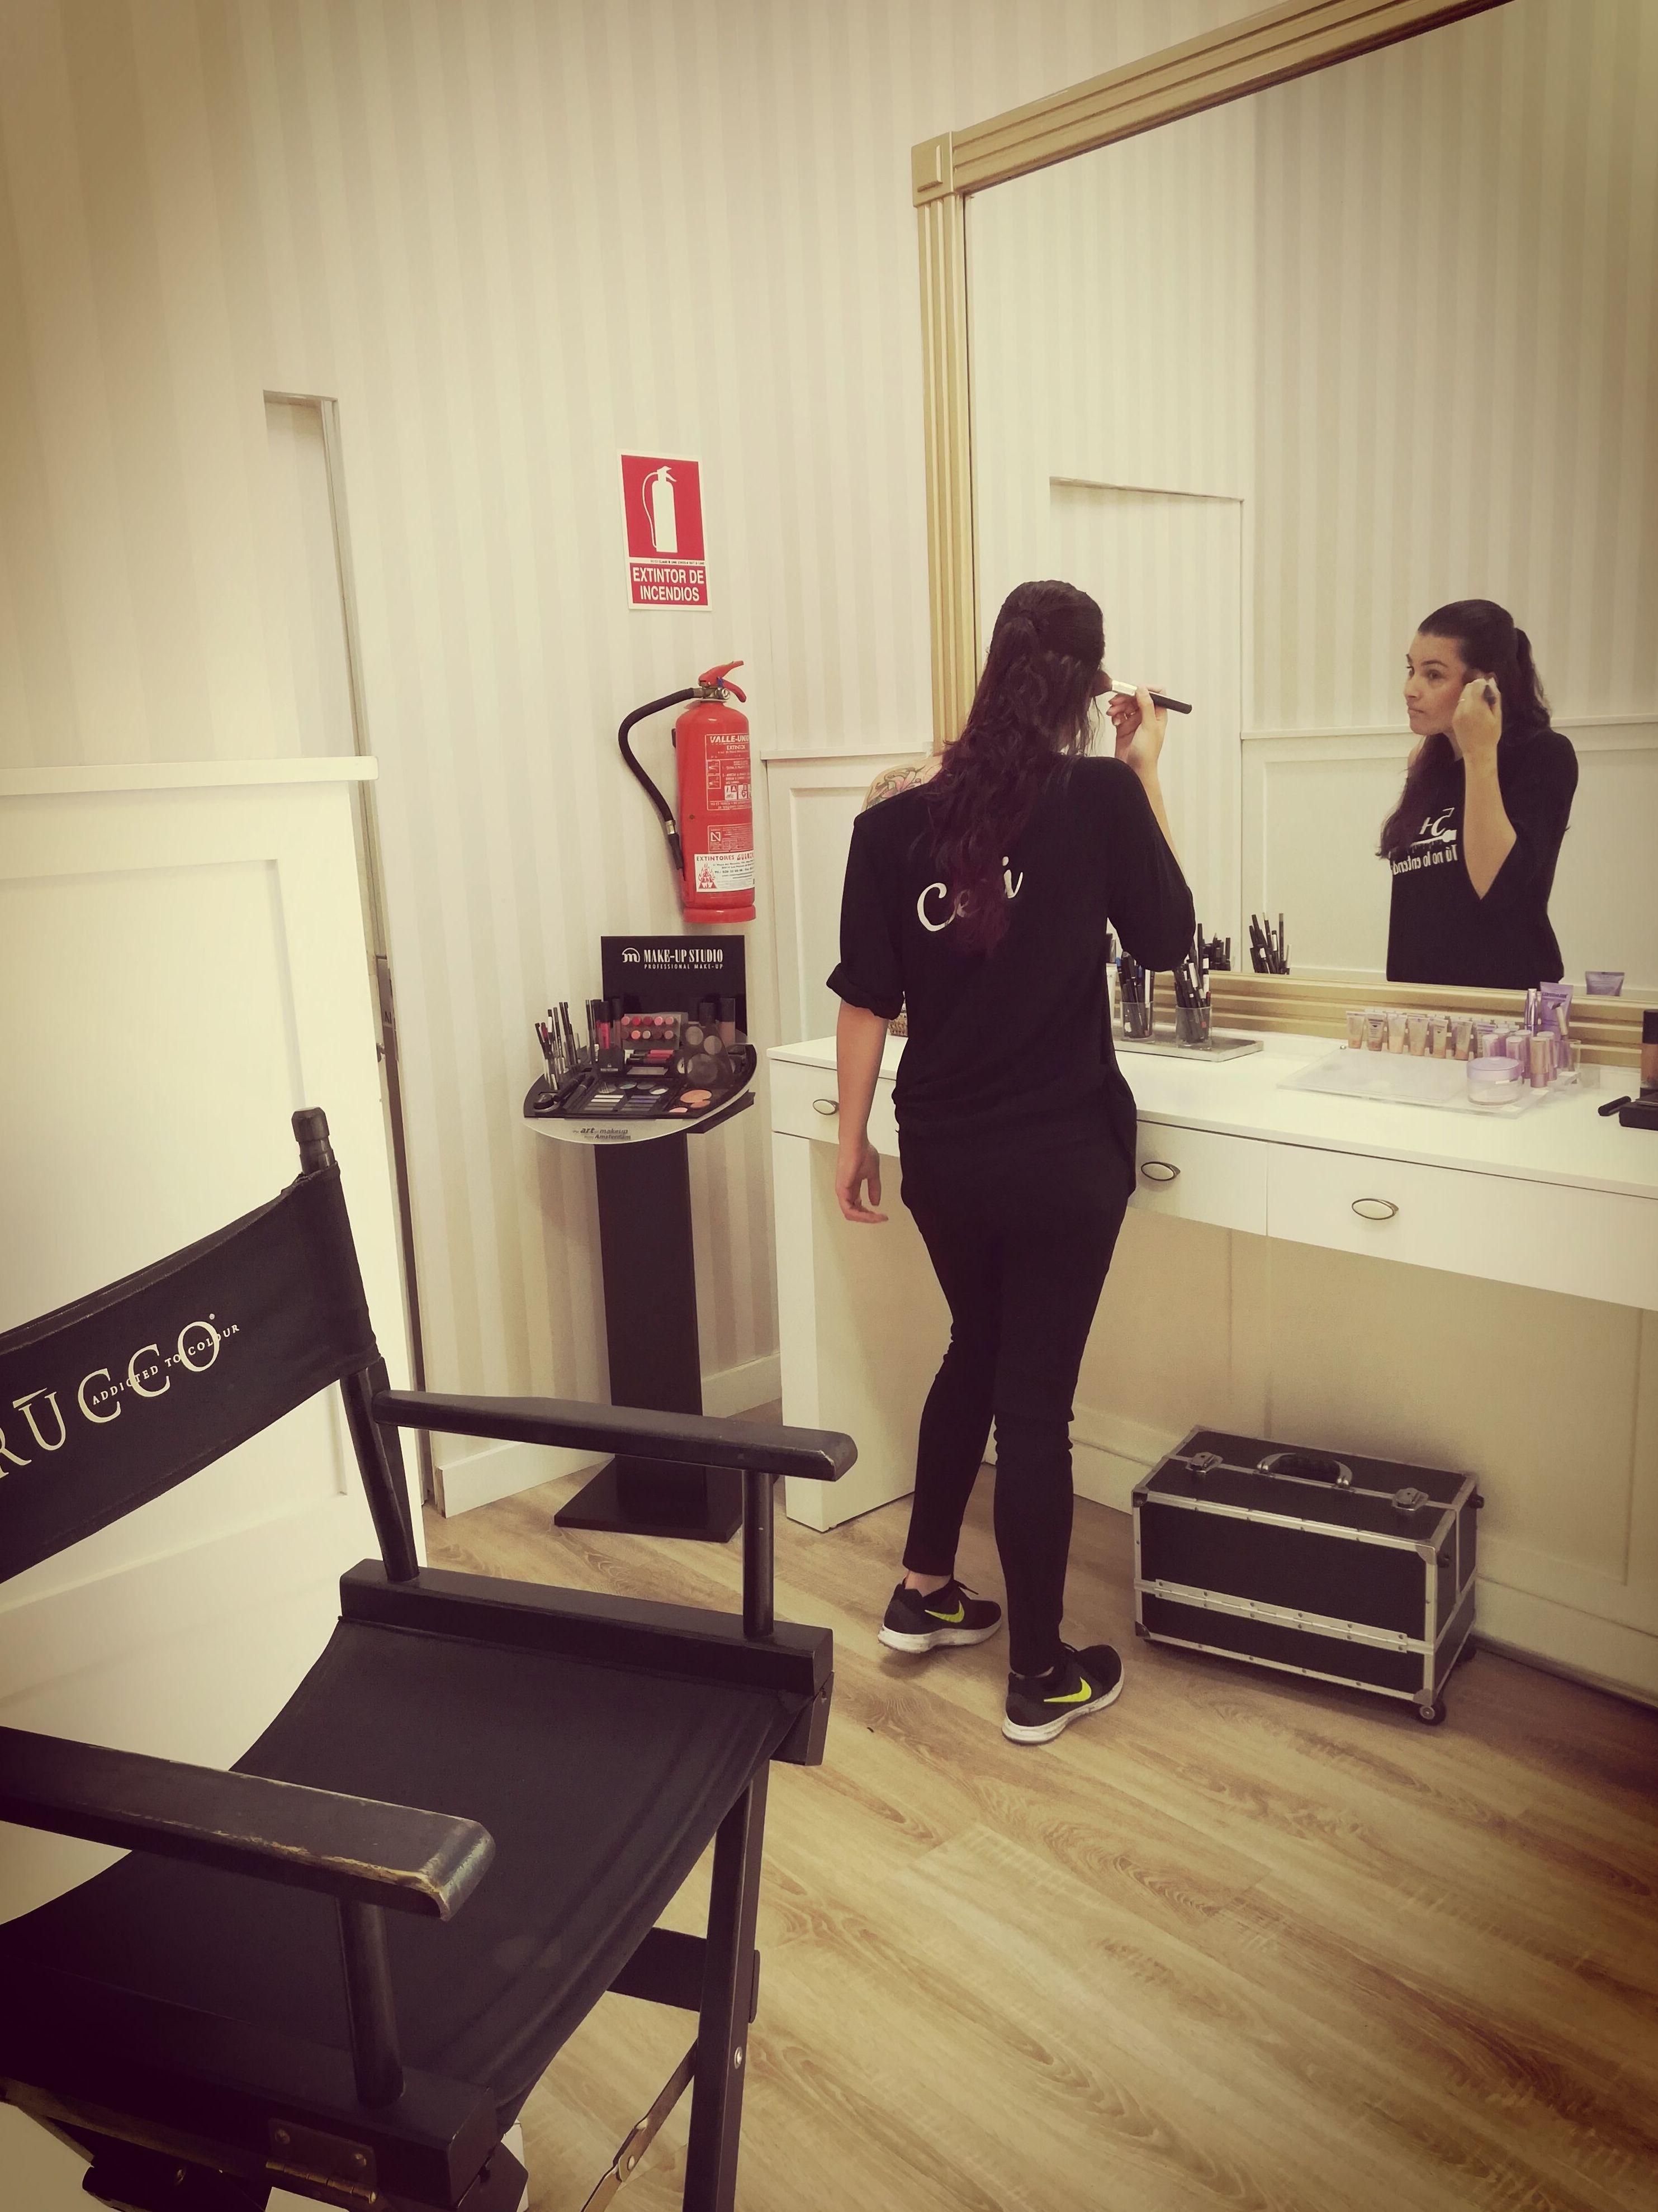 Foto 5 de Salón de belleza, peluquería y estética en Arucas | De´Pinie Peluquería